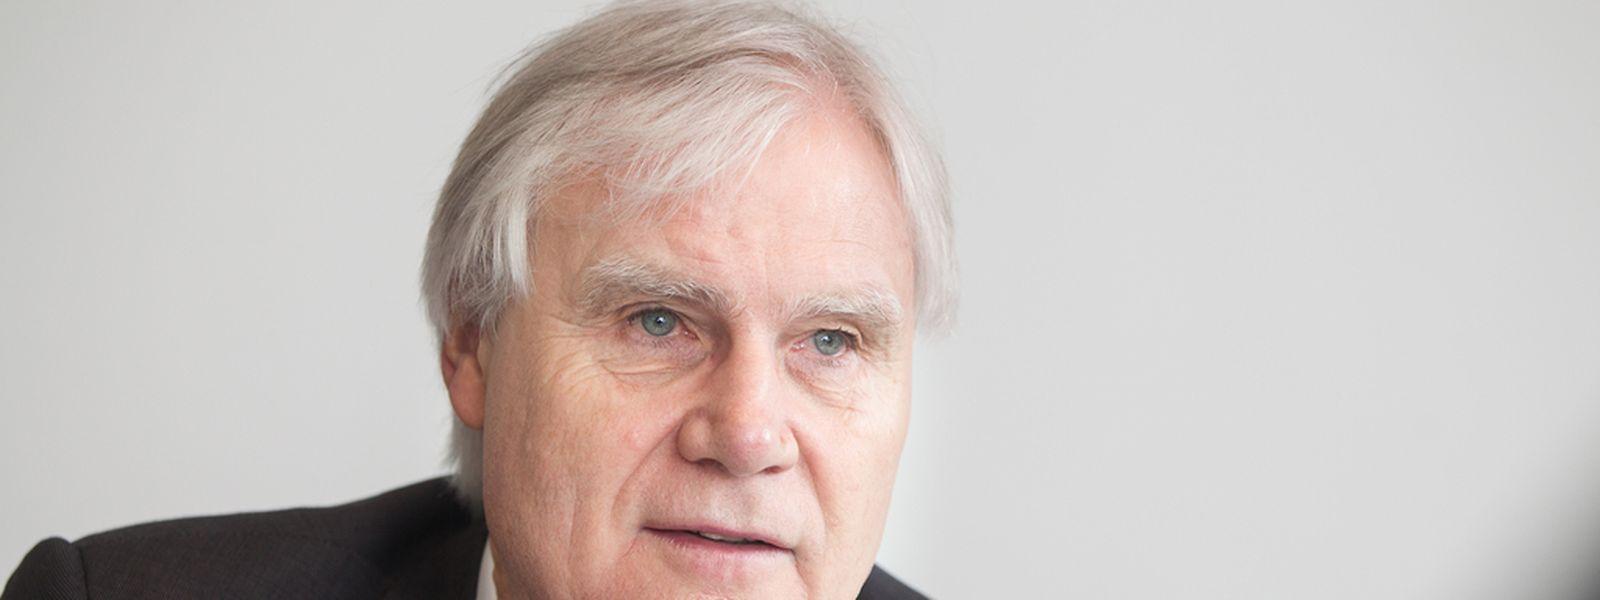 Ex SES-Boss Romain Bausch wird in Zukunft die Finanzen des Staats kontrollieren.